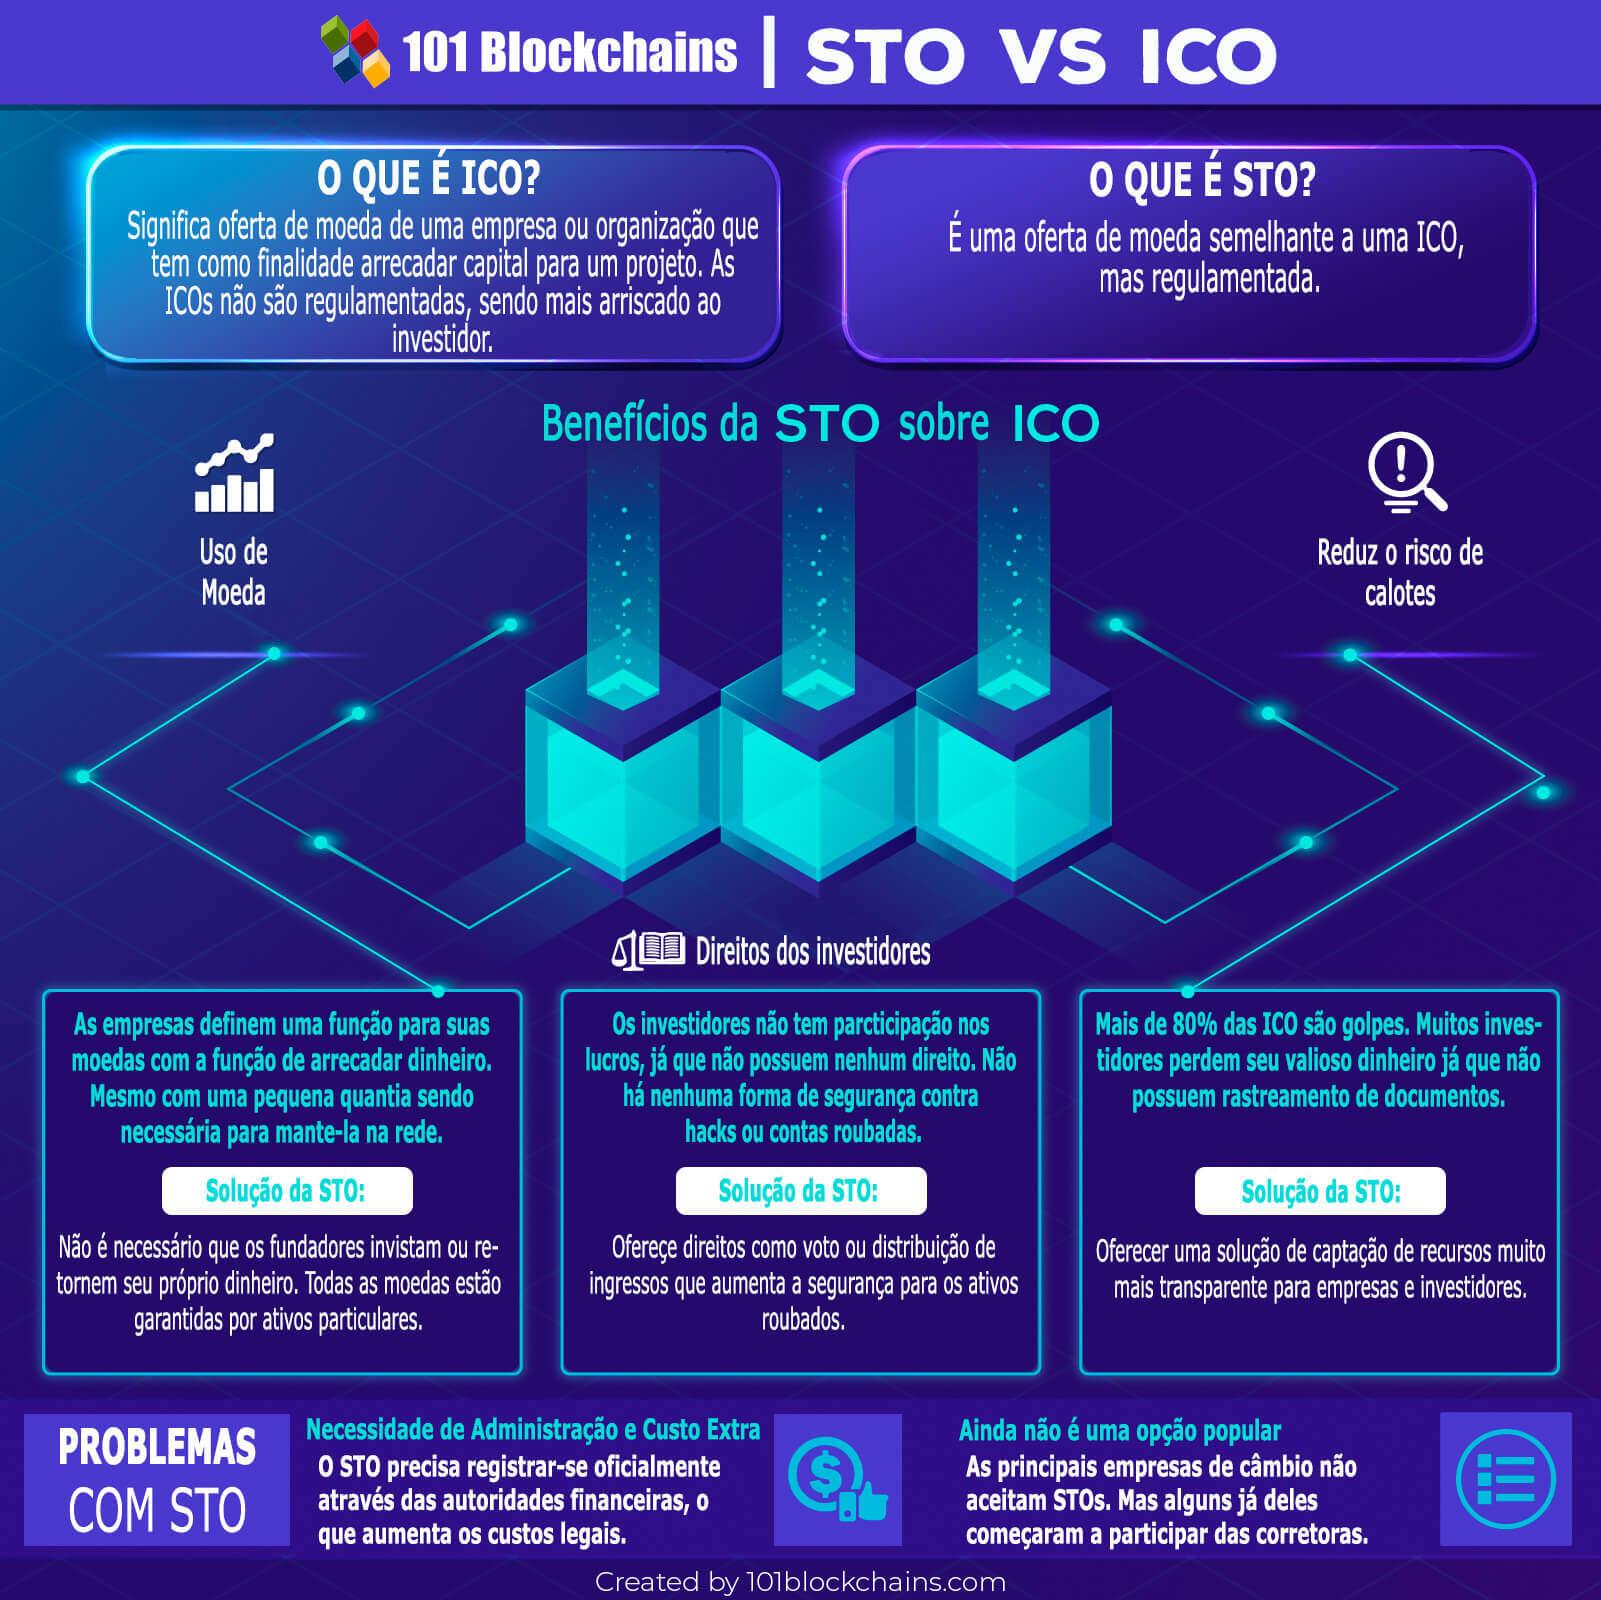 STO Vs ICO: Qual a diferença entre eles?